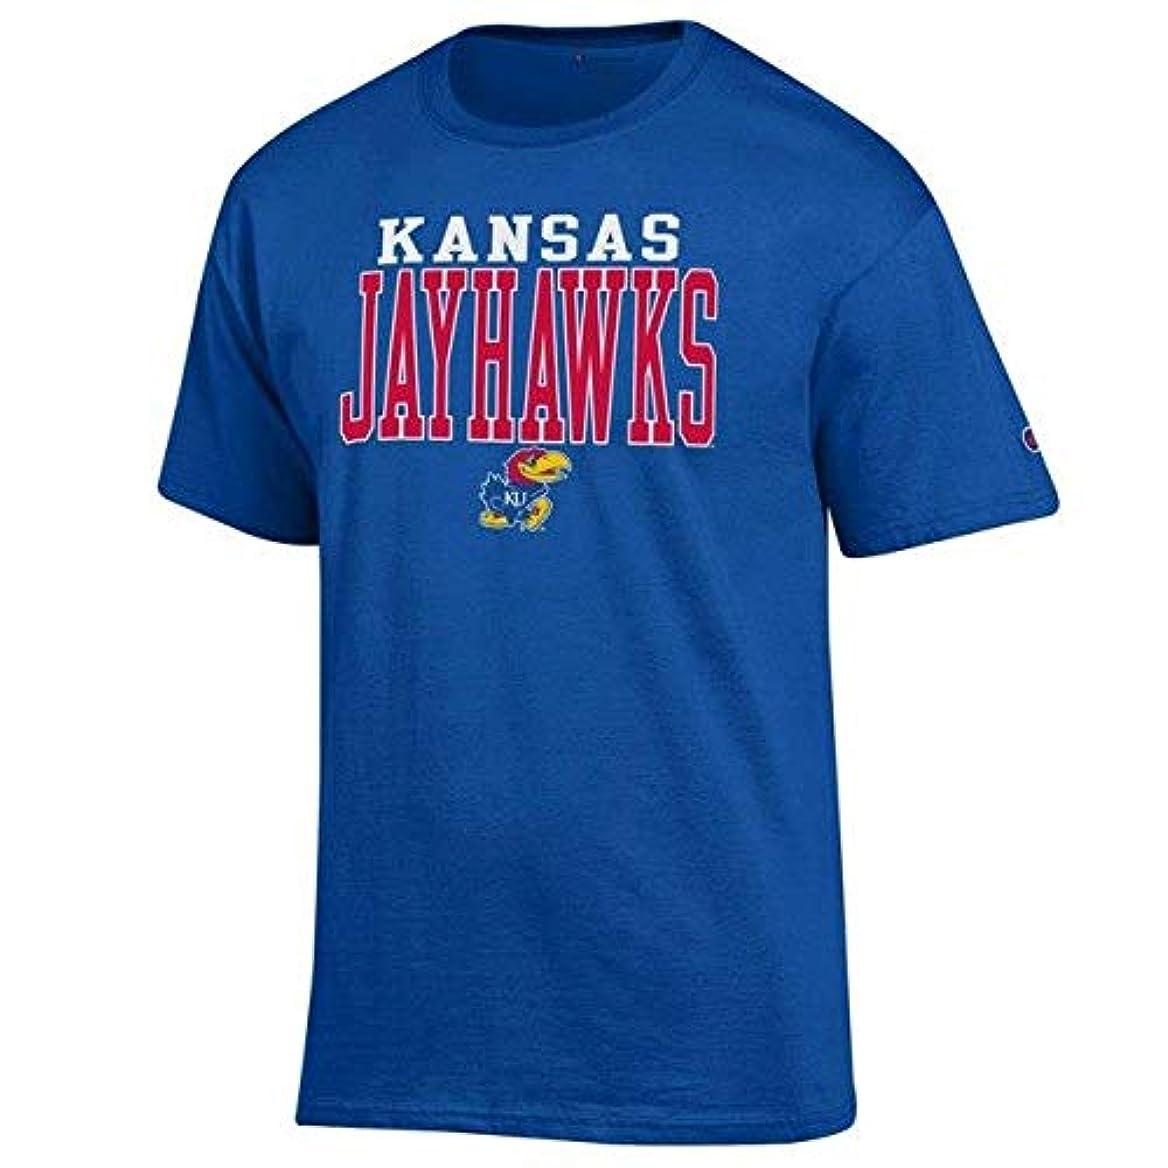 抜け目のないシャーロットブロンテ迷路Champion Champion Kansas Jayhawks Royal Core Mascot T-Shirt スポーツ用品 【並行輸入品】